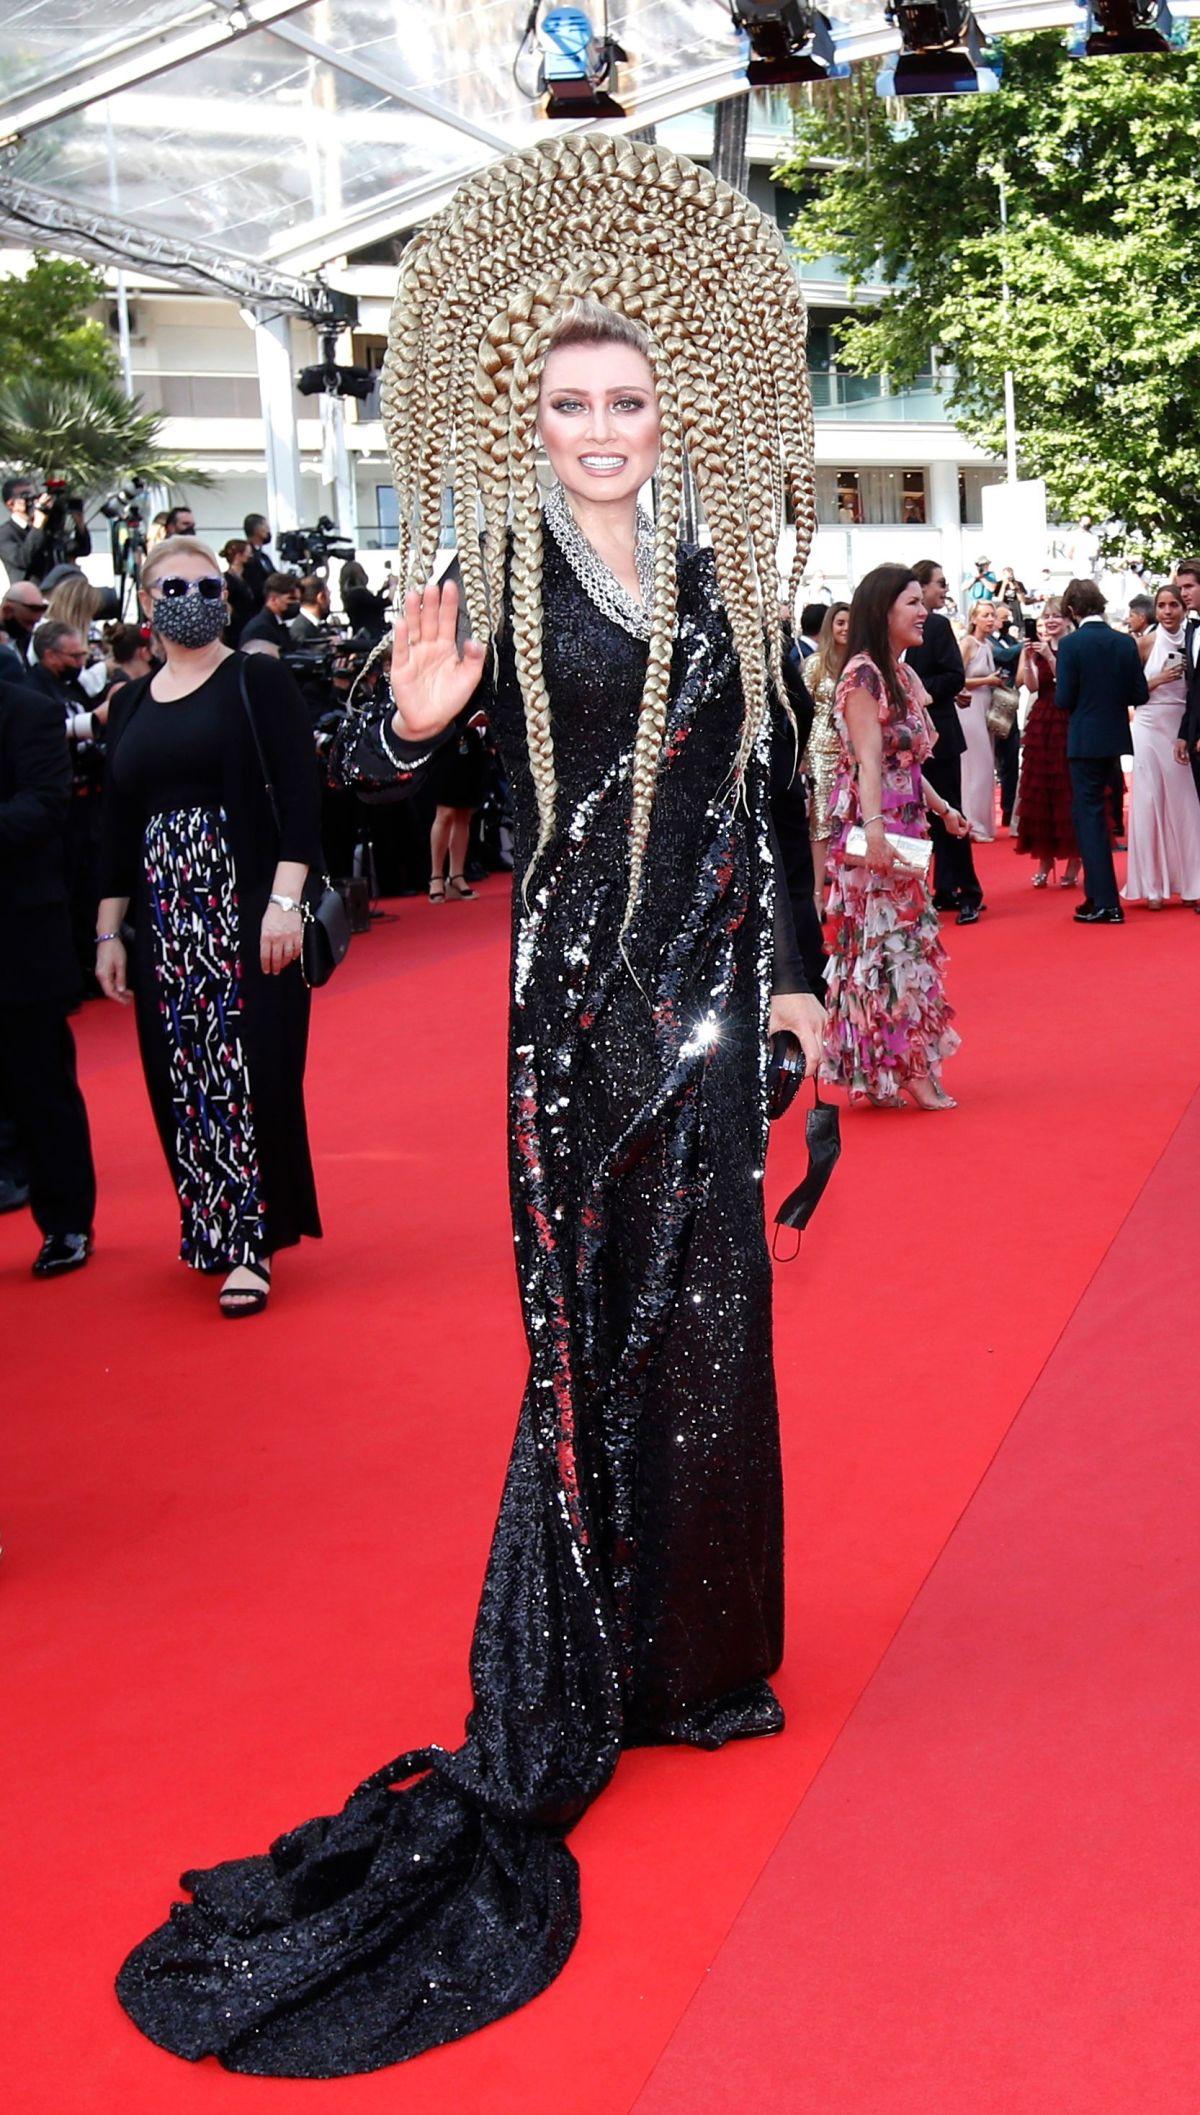 Elena Lenina - 'dị nhân' thảm đỏ Cannes - Ảnh 2